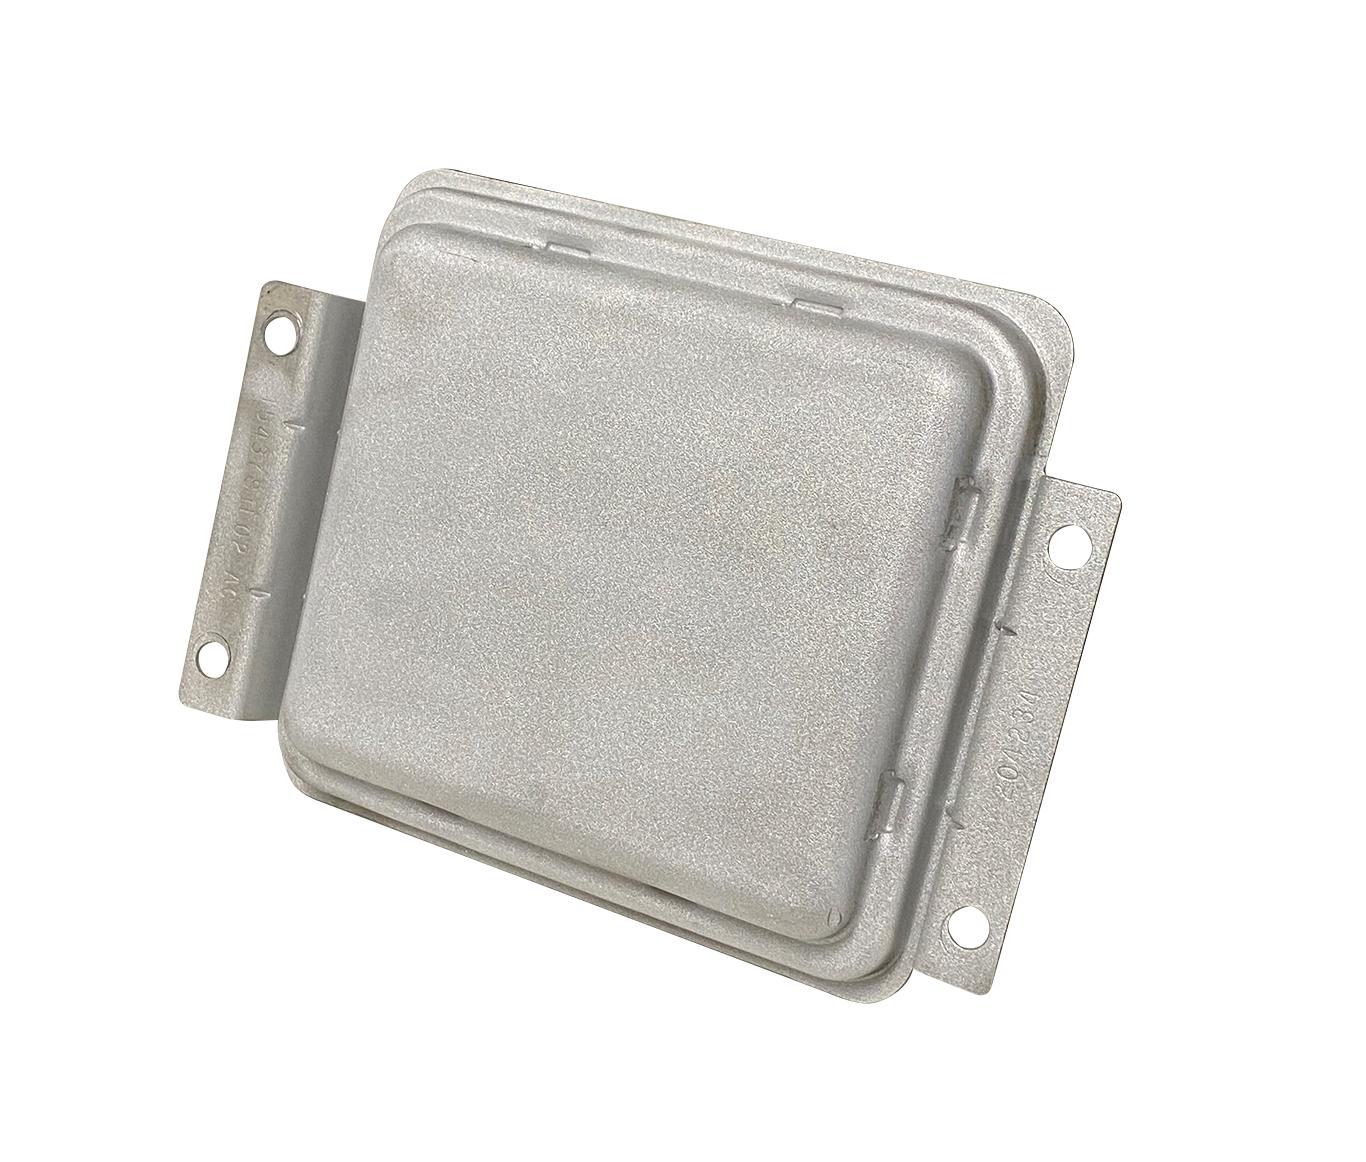 2002 - 2005 RAM 1500 / 2500 / 3500 Front Control Module (FCM)